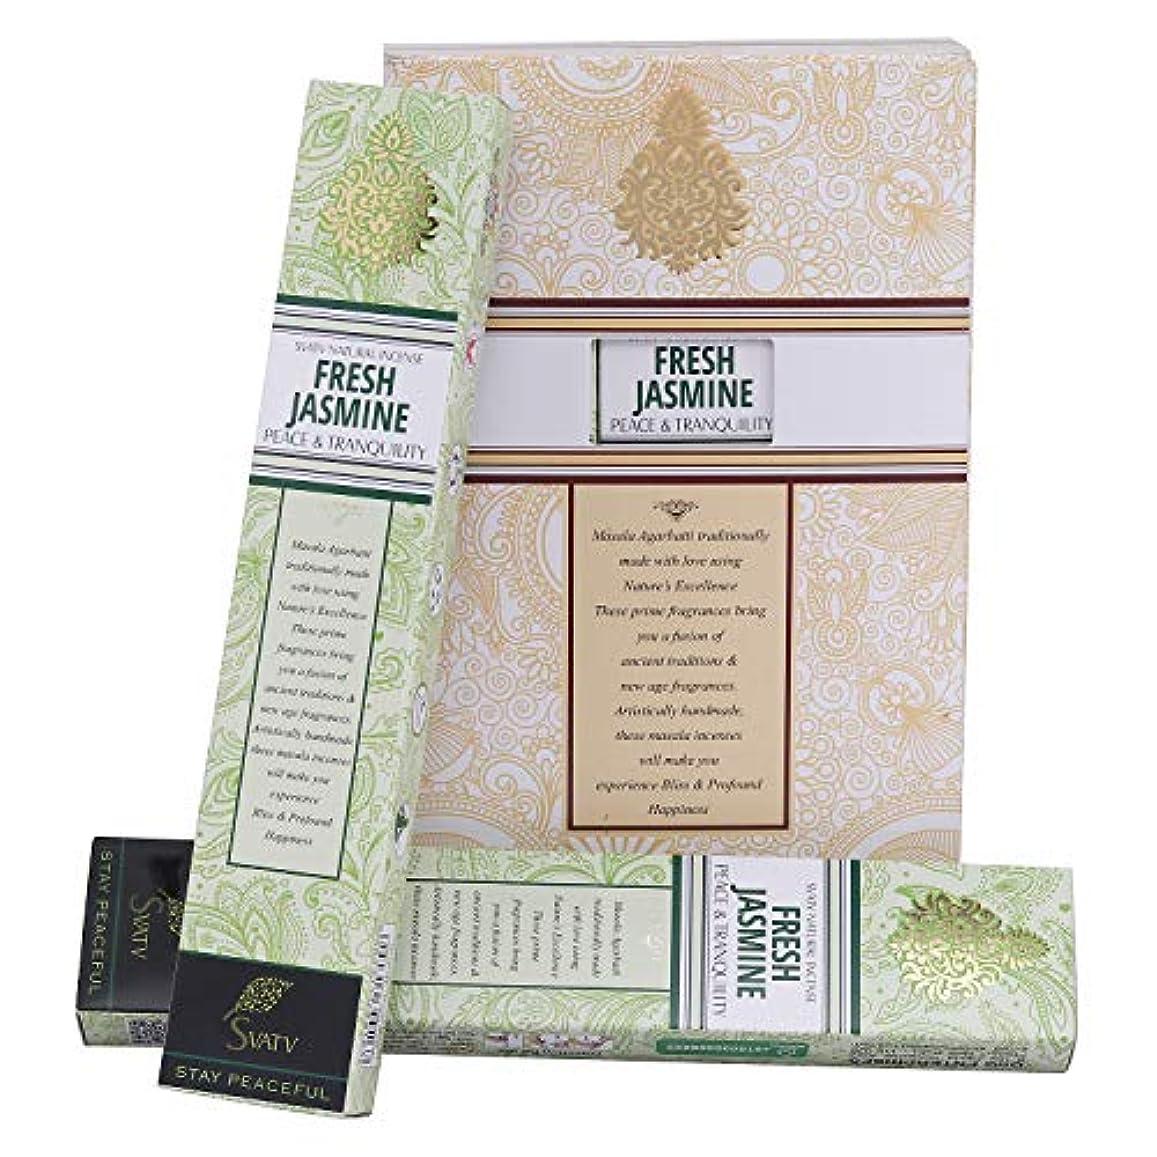 粘性の抑止する写真SVATV Jasmine :: Hand Rolled Masala Incense Stick Made in India 15g Pack Of 2